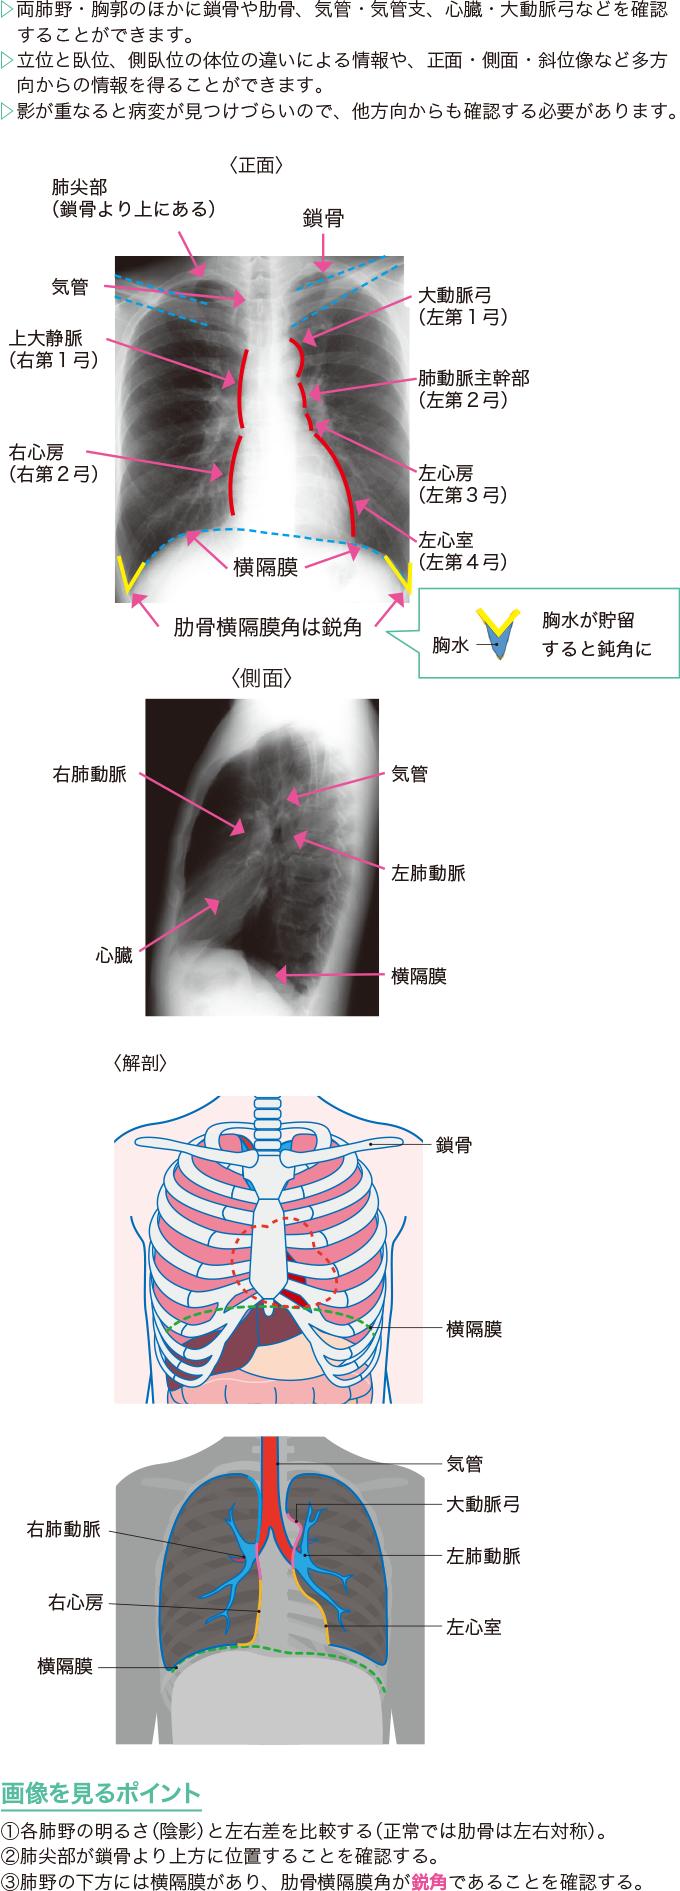 胸部X線の正常画像